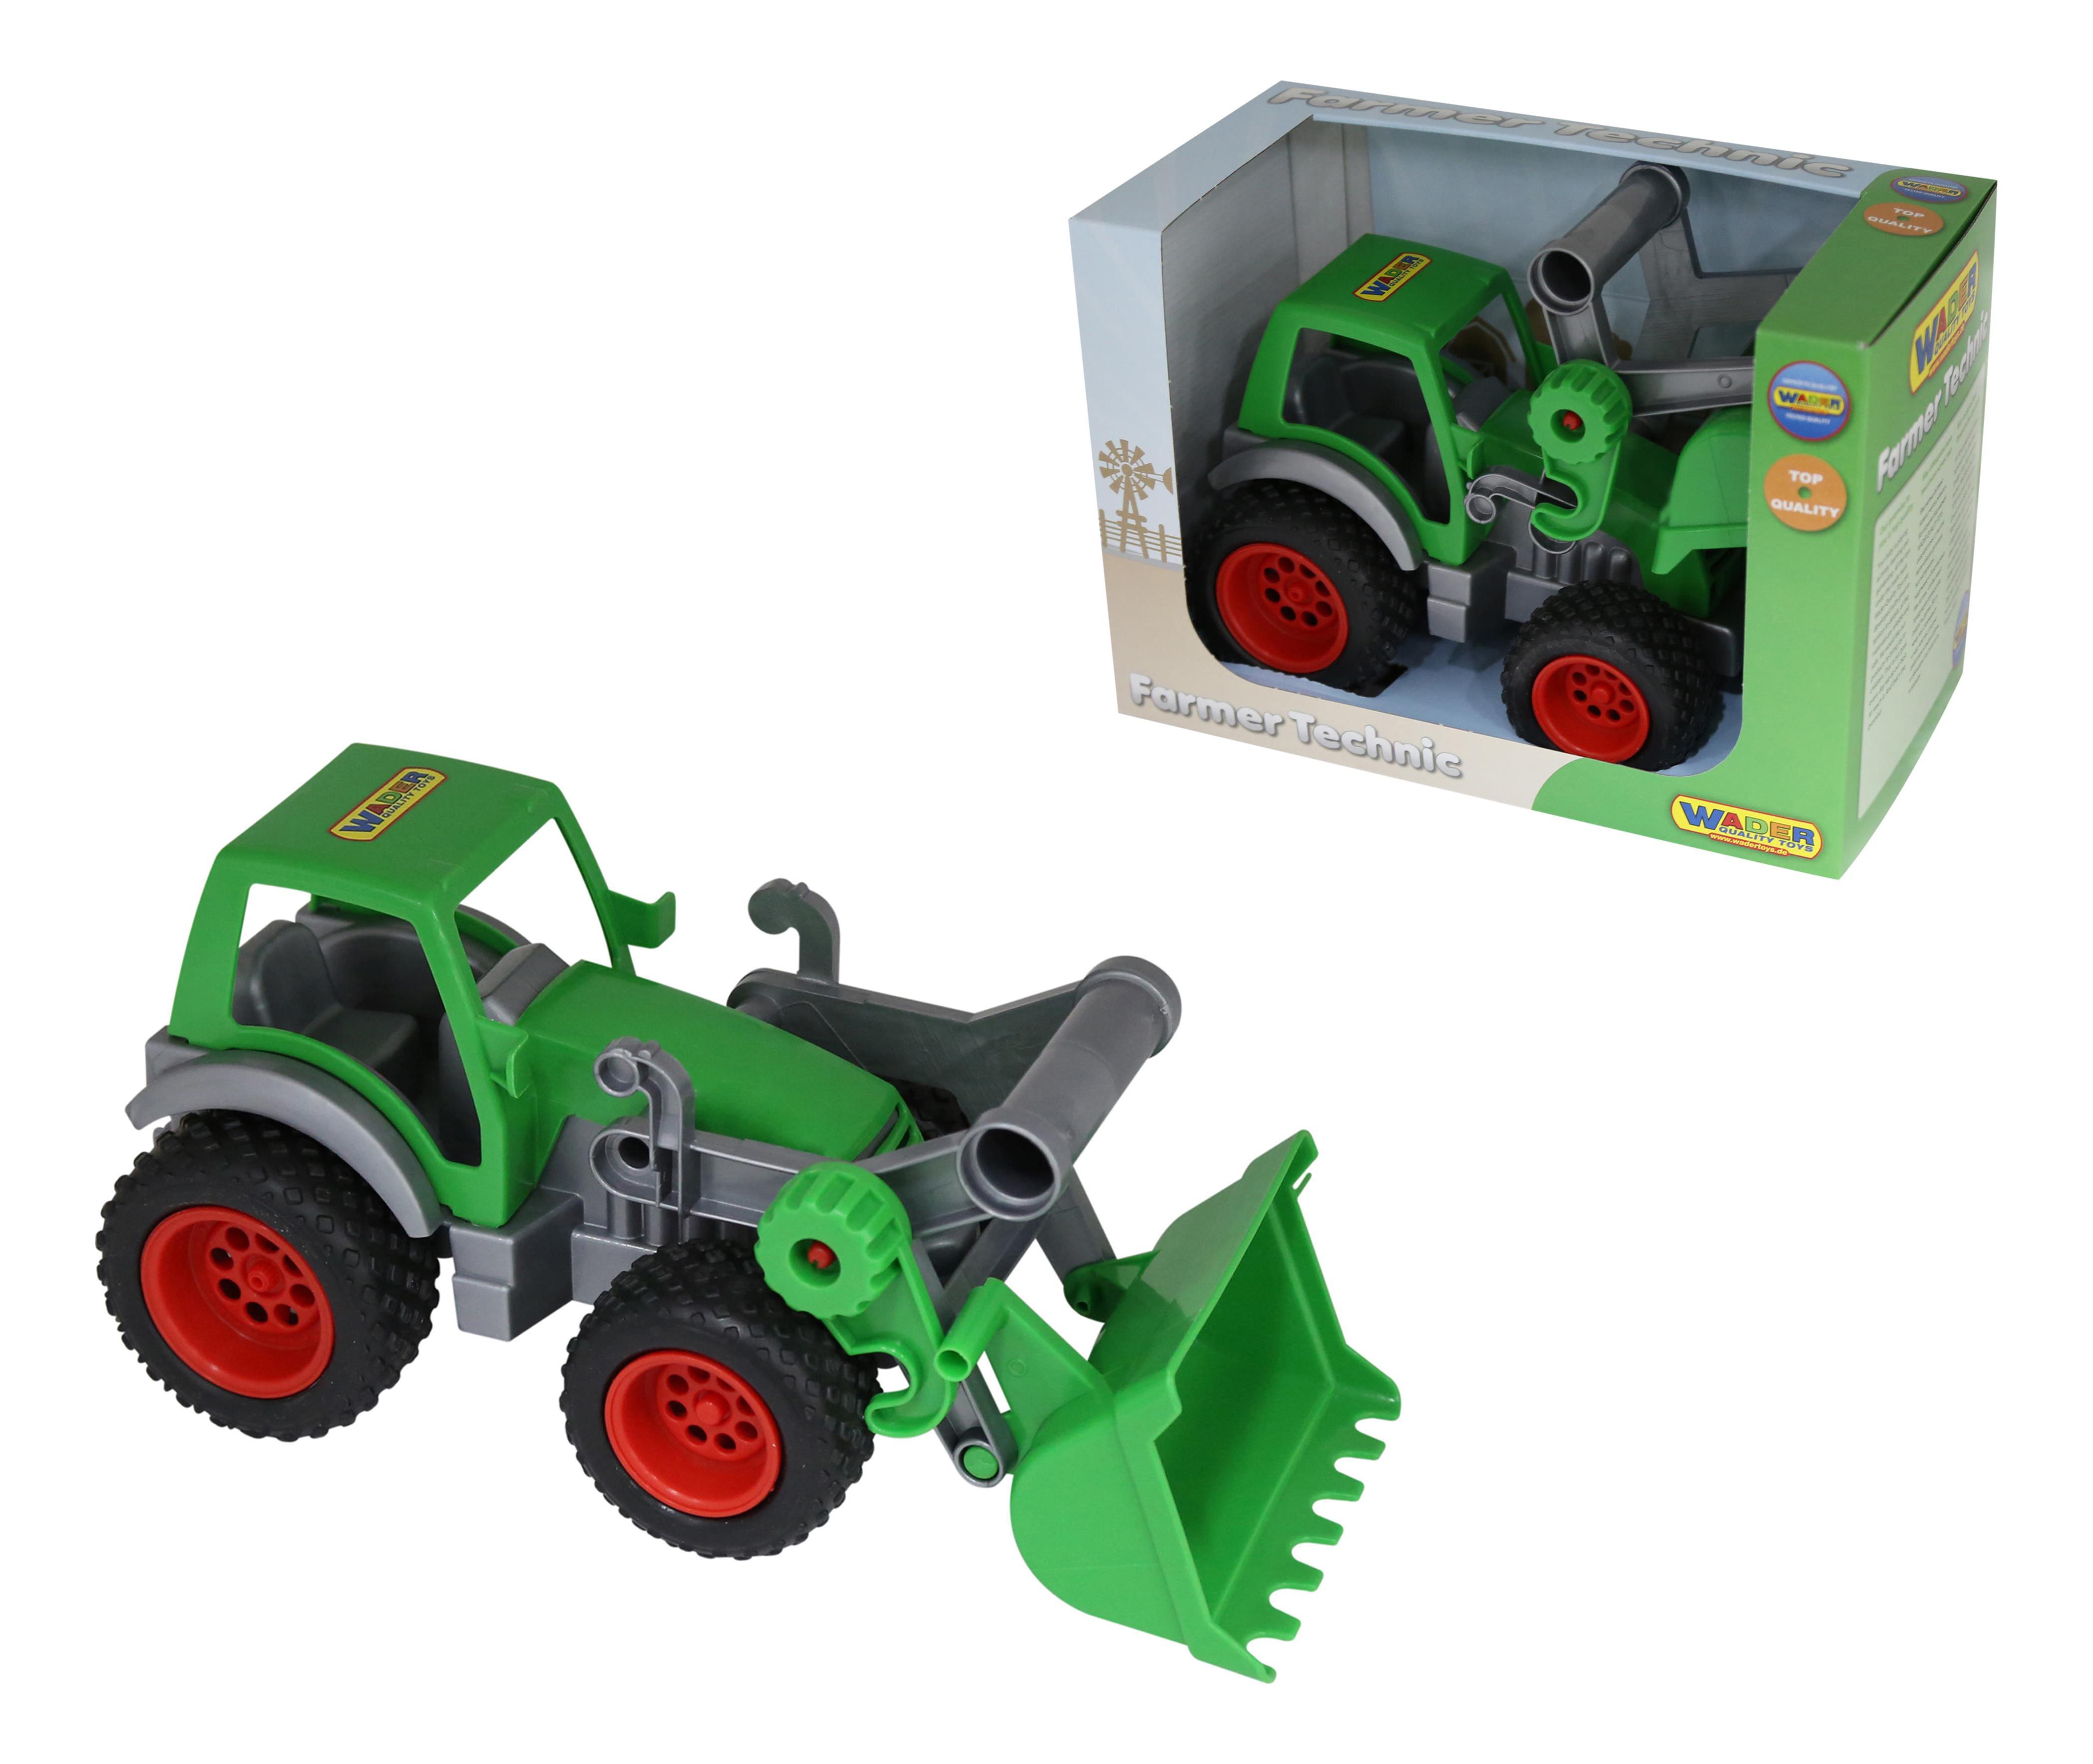 Купить Трактор-погрузчик, Трактор-погрузчик Полесье, Строительная техника